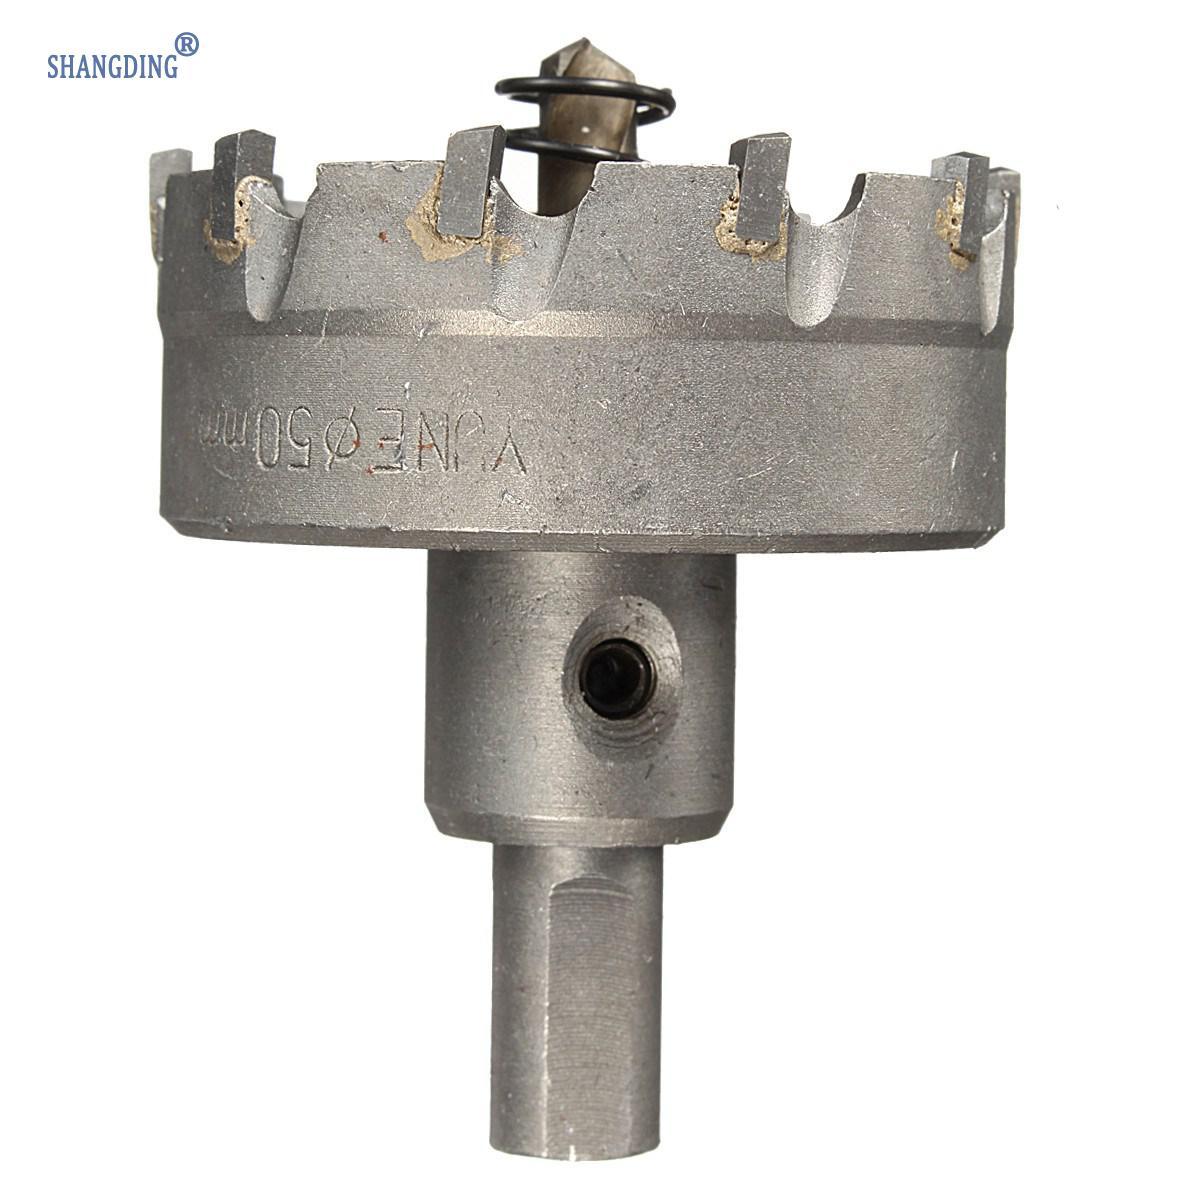 1 Set 48mm Carbide Tip TCT Boor Metalen Gatenzaag met Spanner - Boor - Foto 4